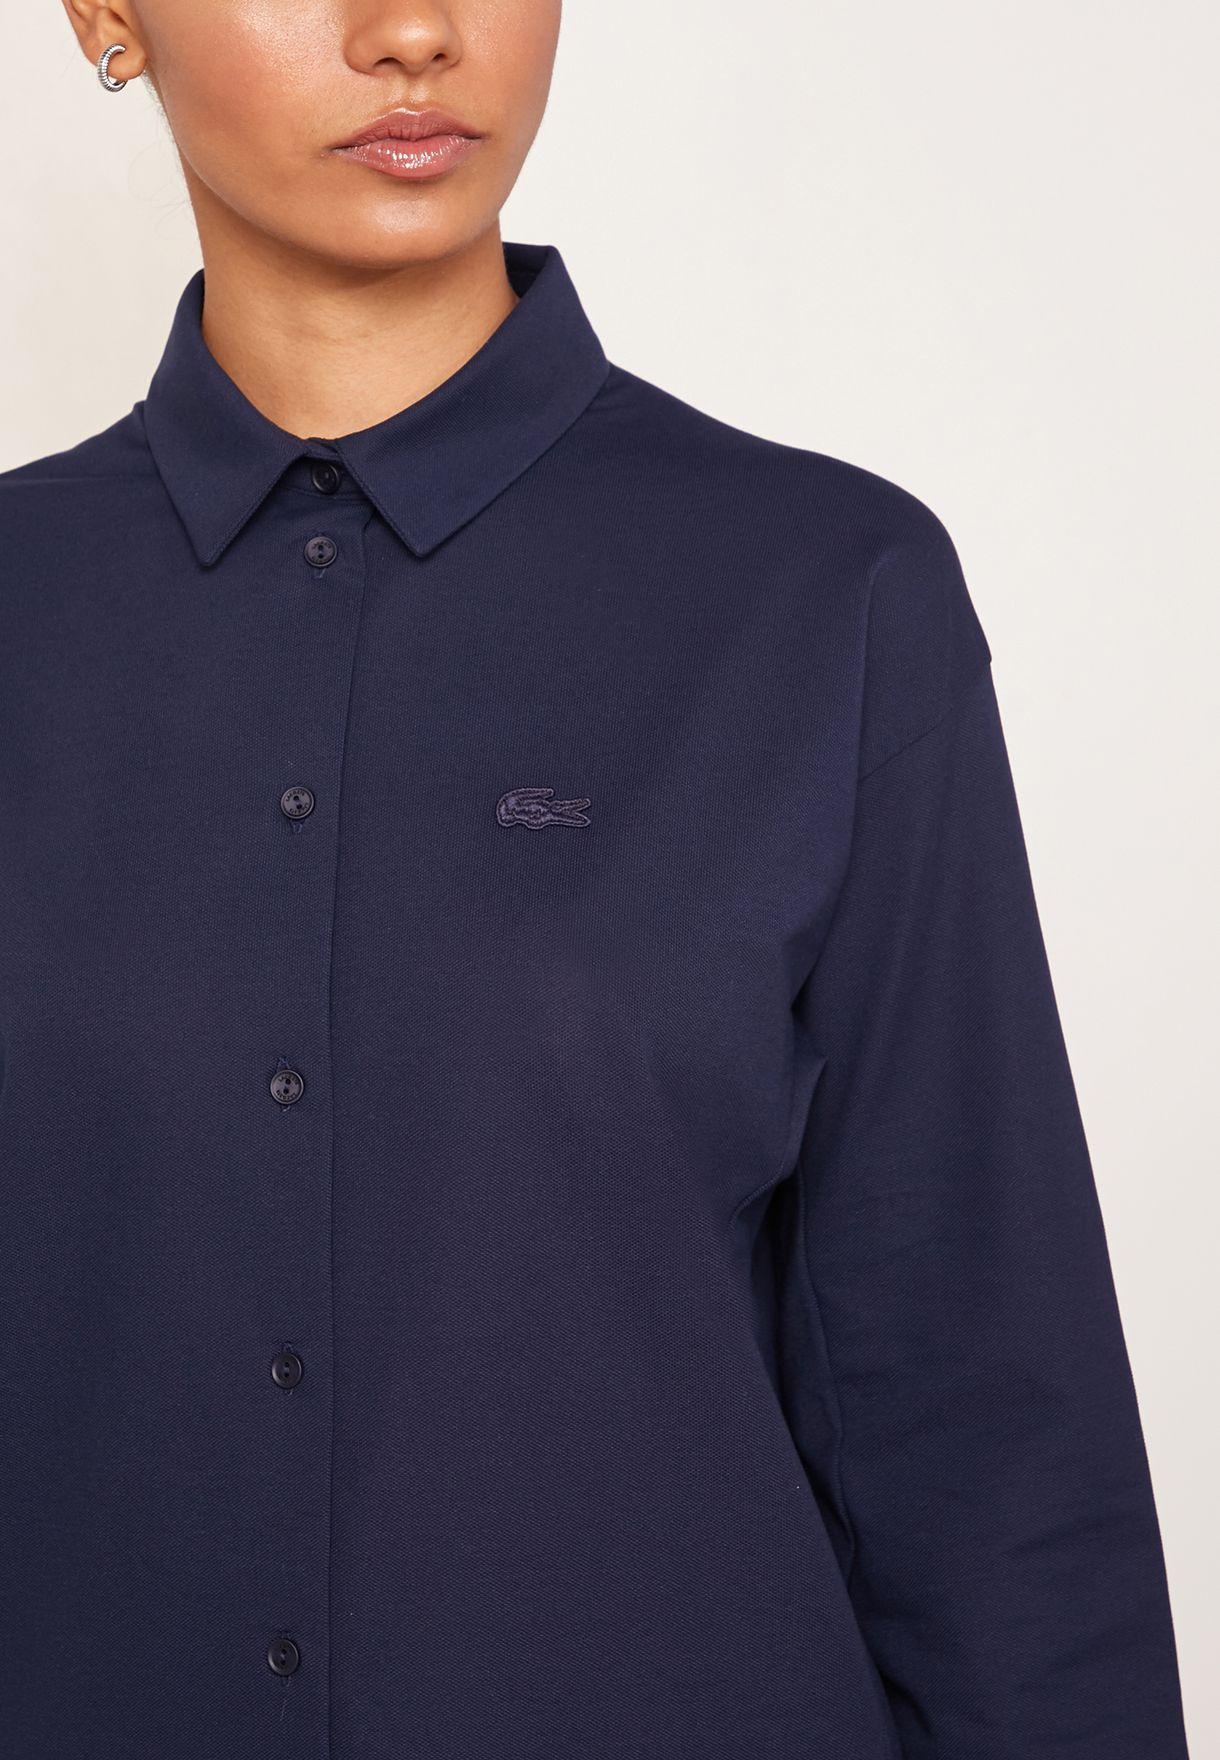 قميص بازرار مزين بشعار الماركة